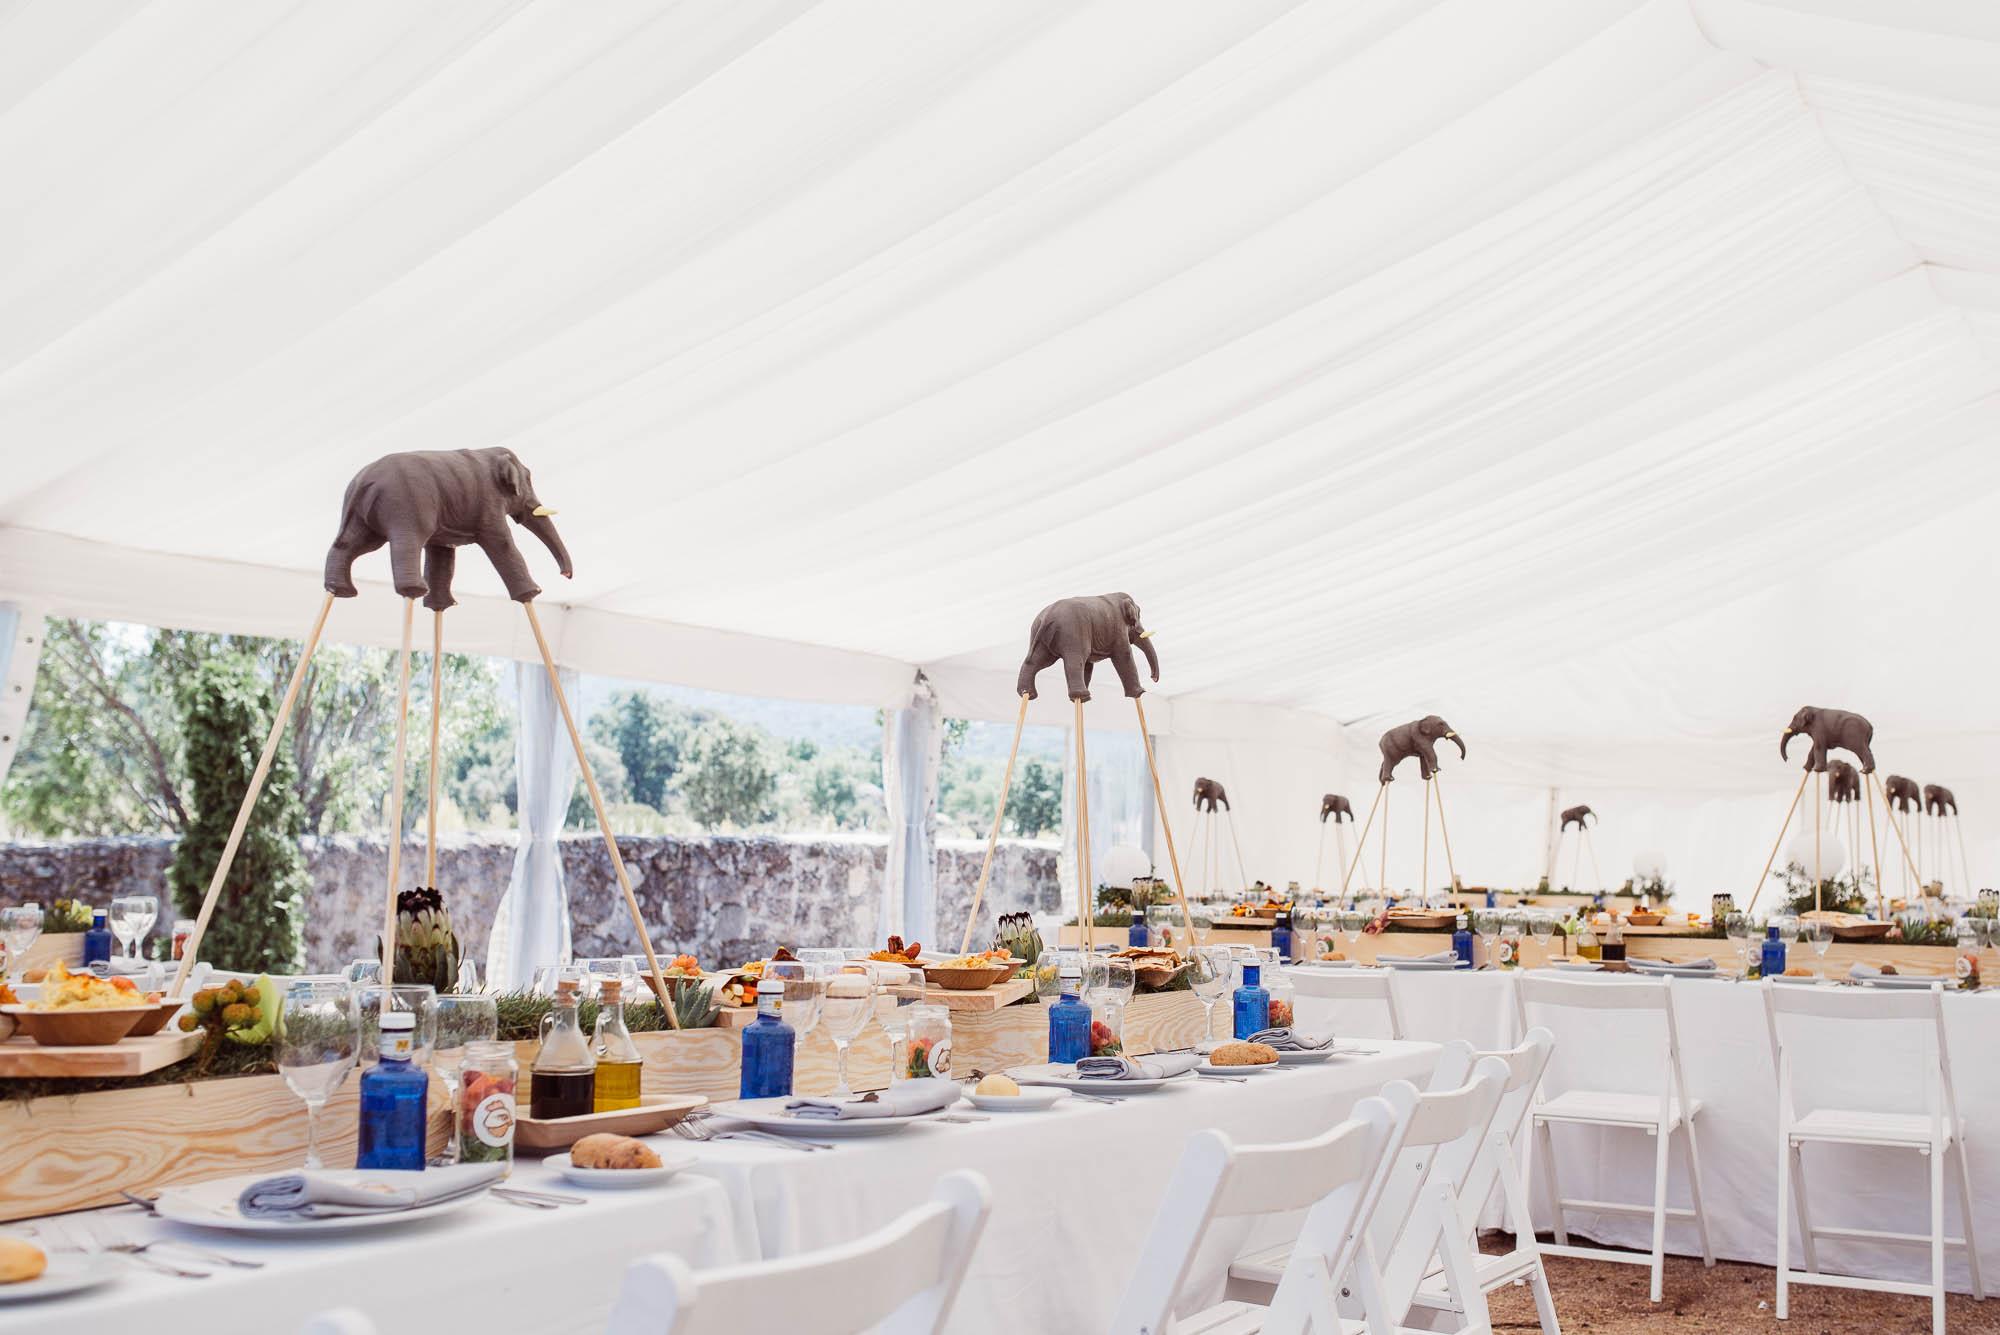 Decoración con elefantes de las mesas del comedor